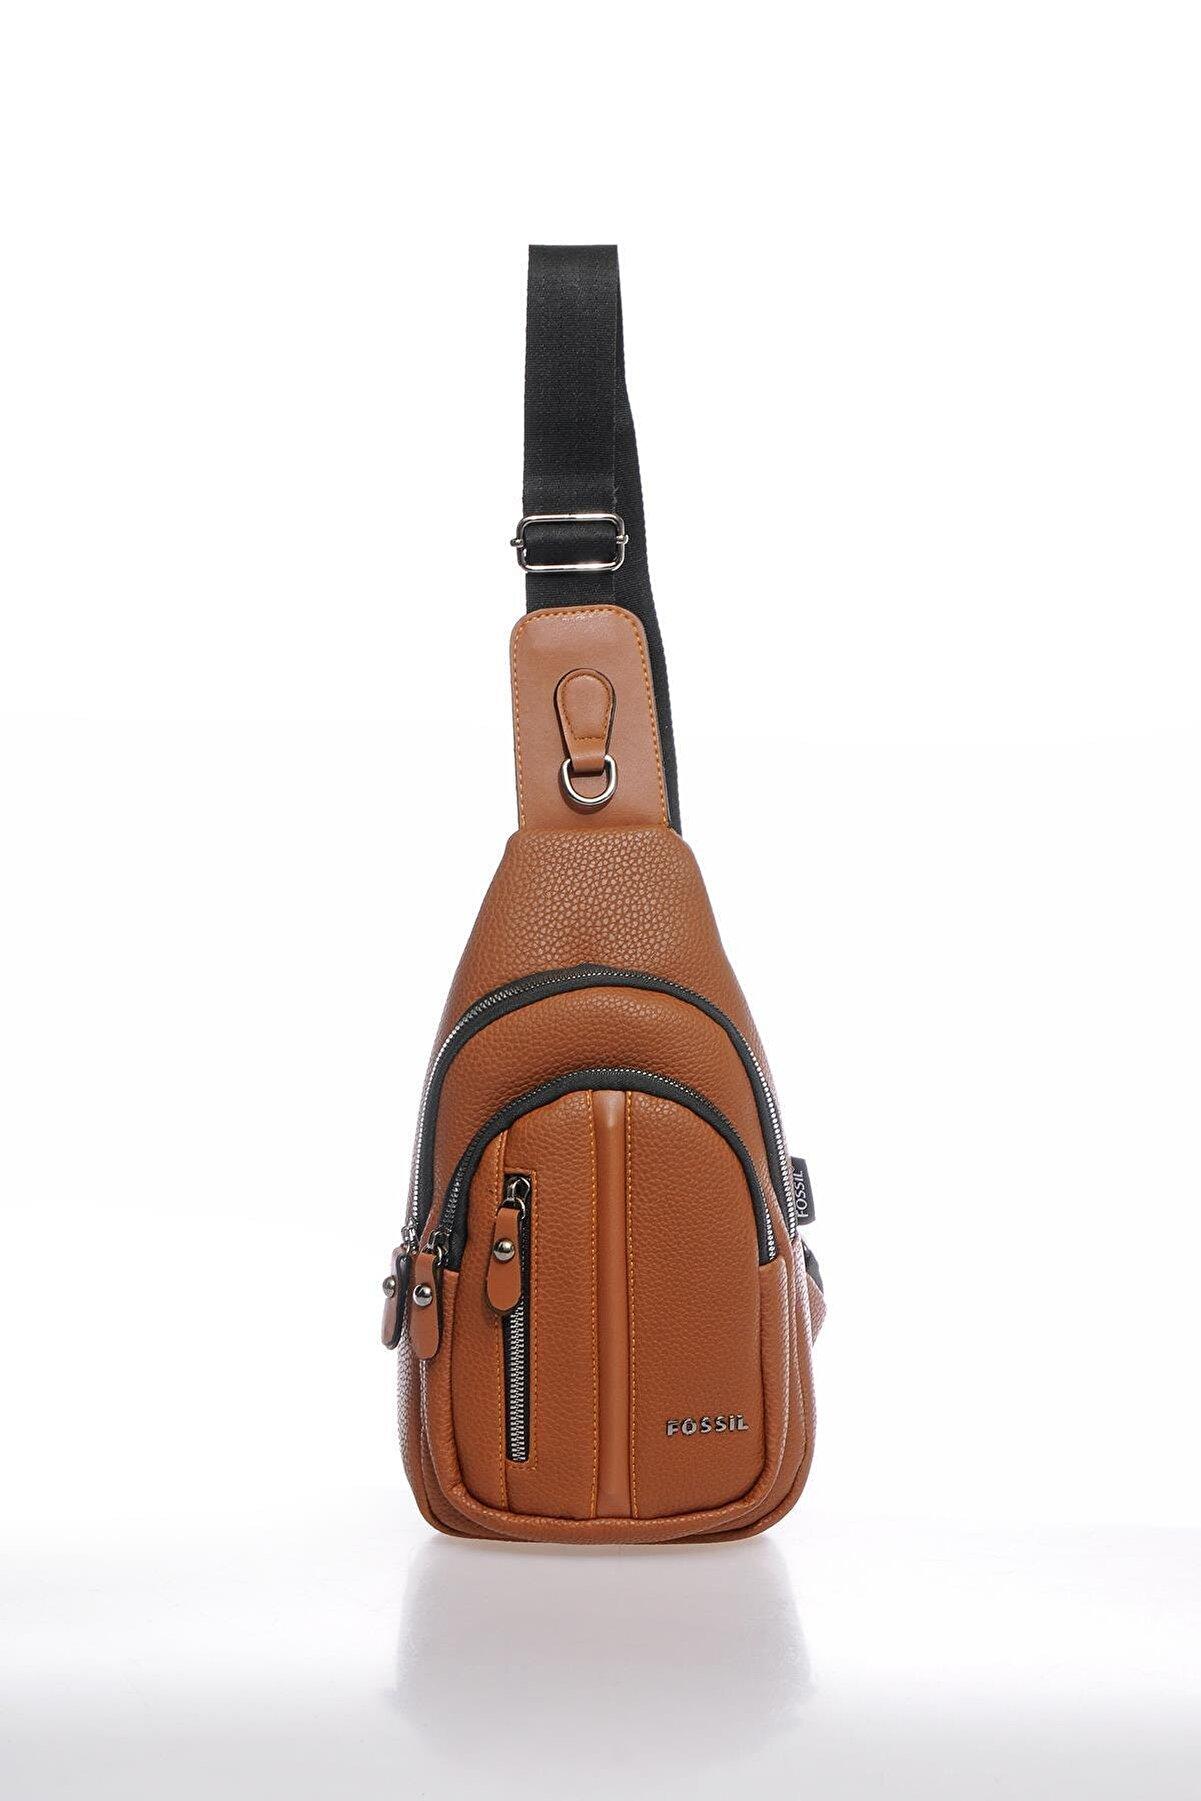 Fossil Fscr064697 Taba Unisex Body Bag